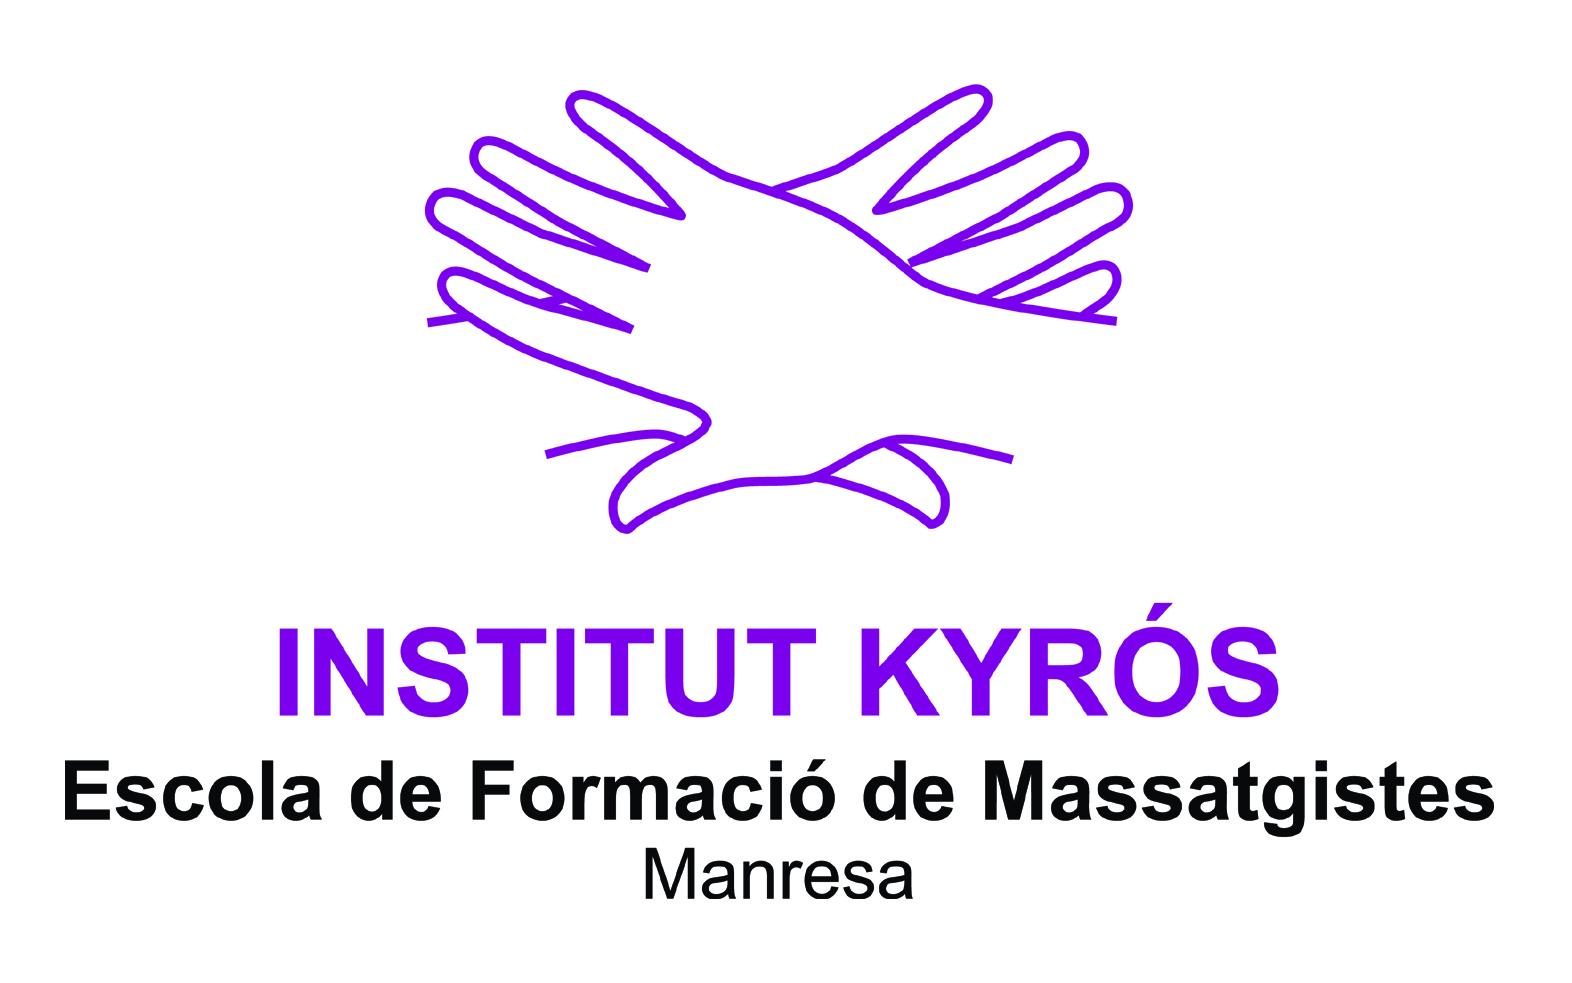 Institut Kyros